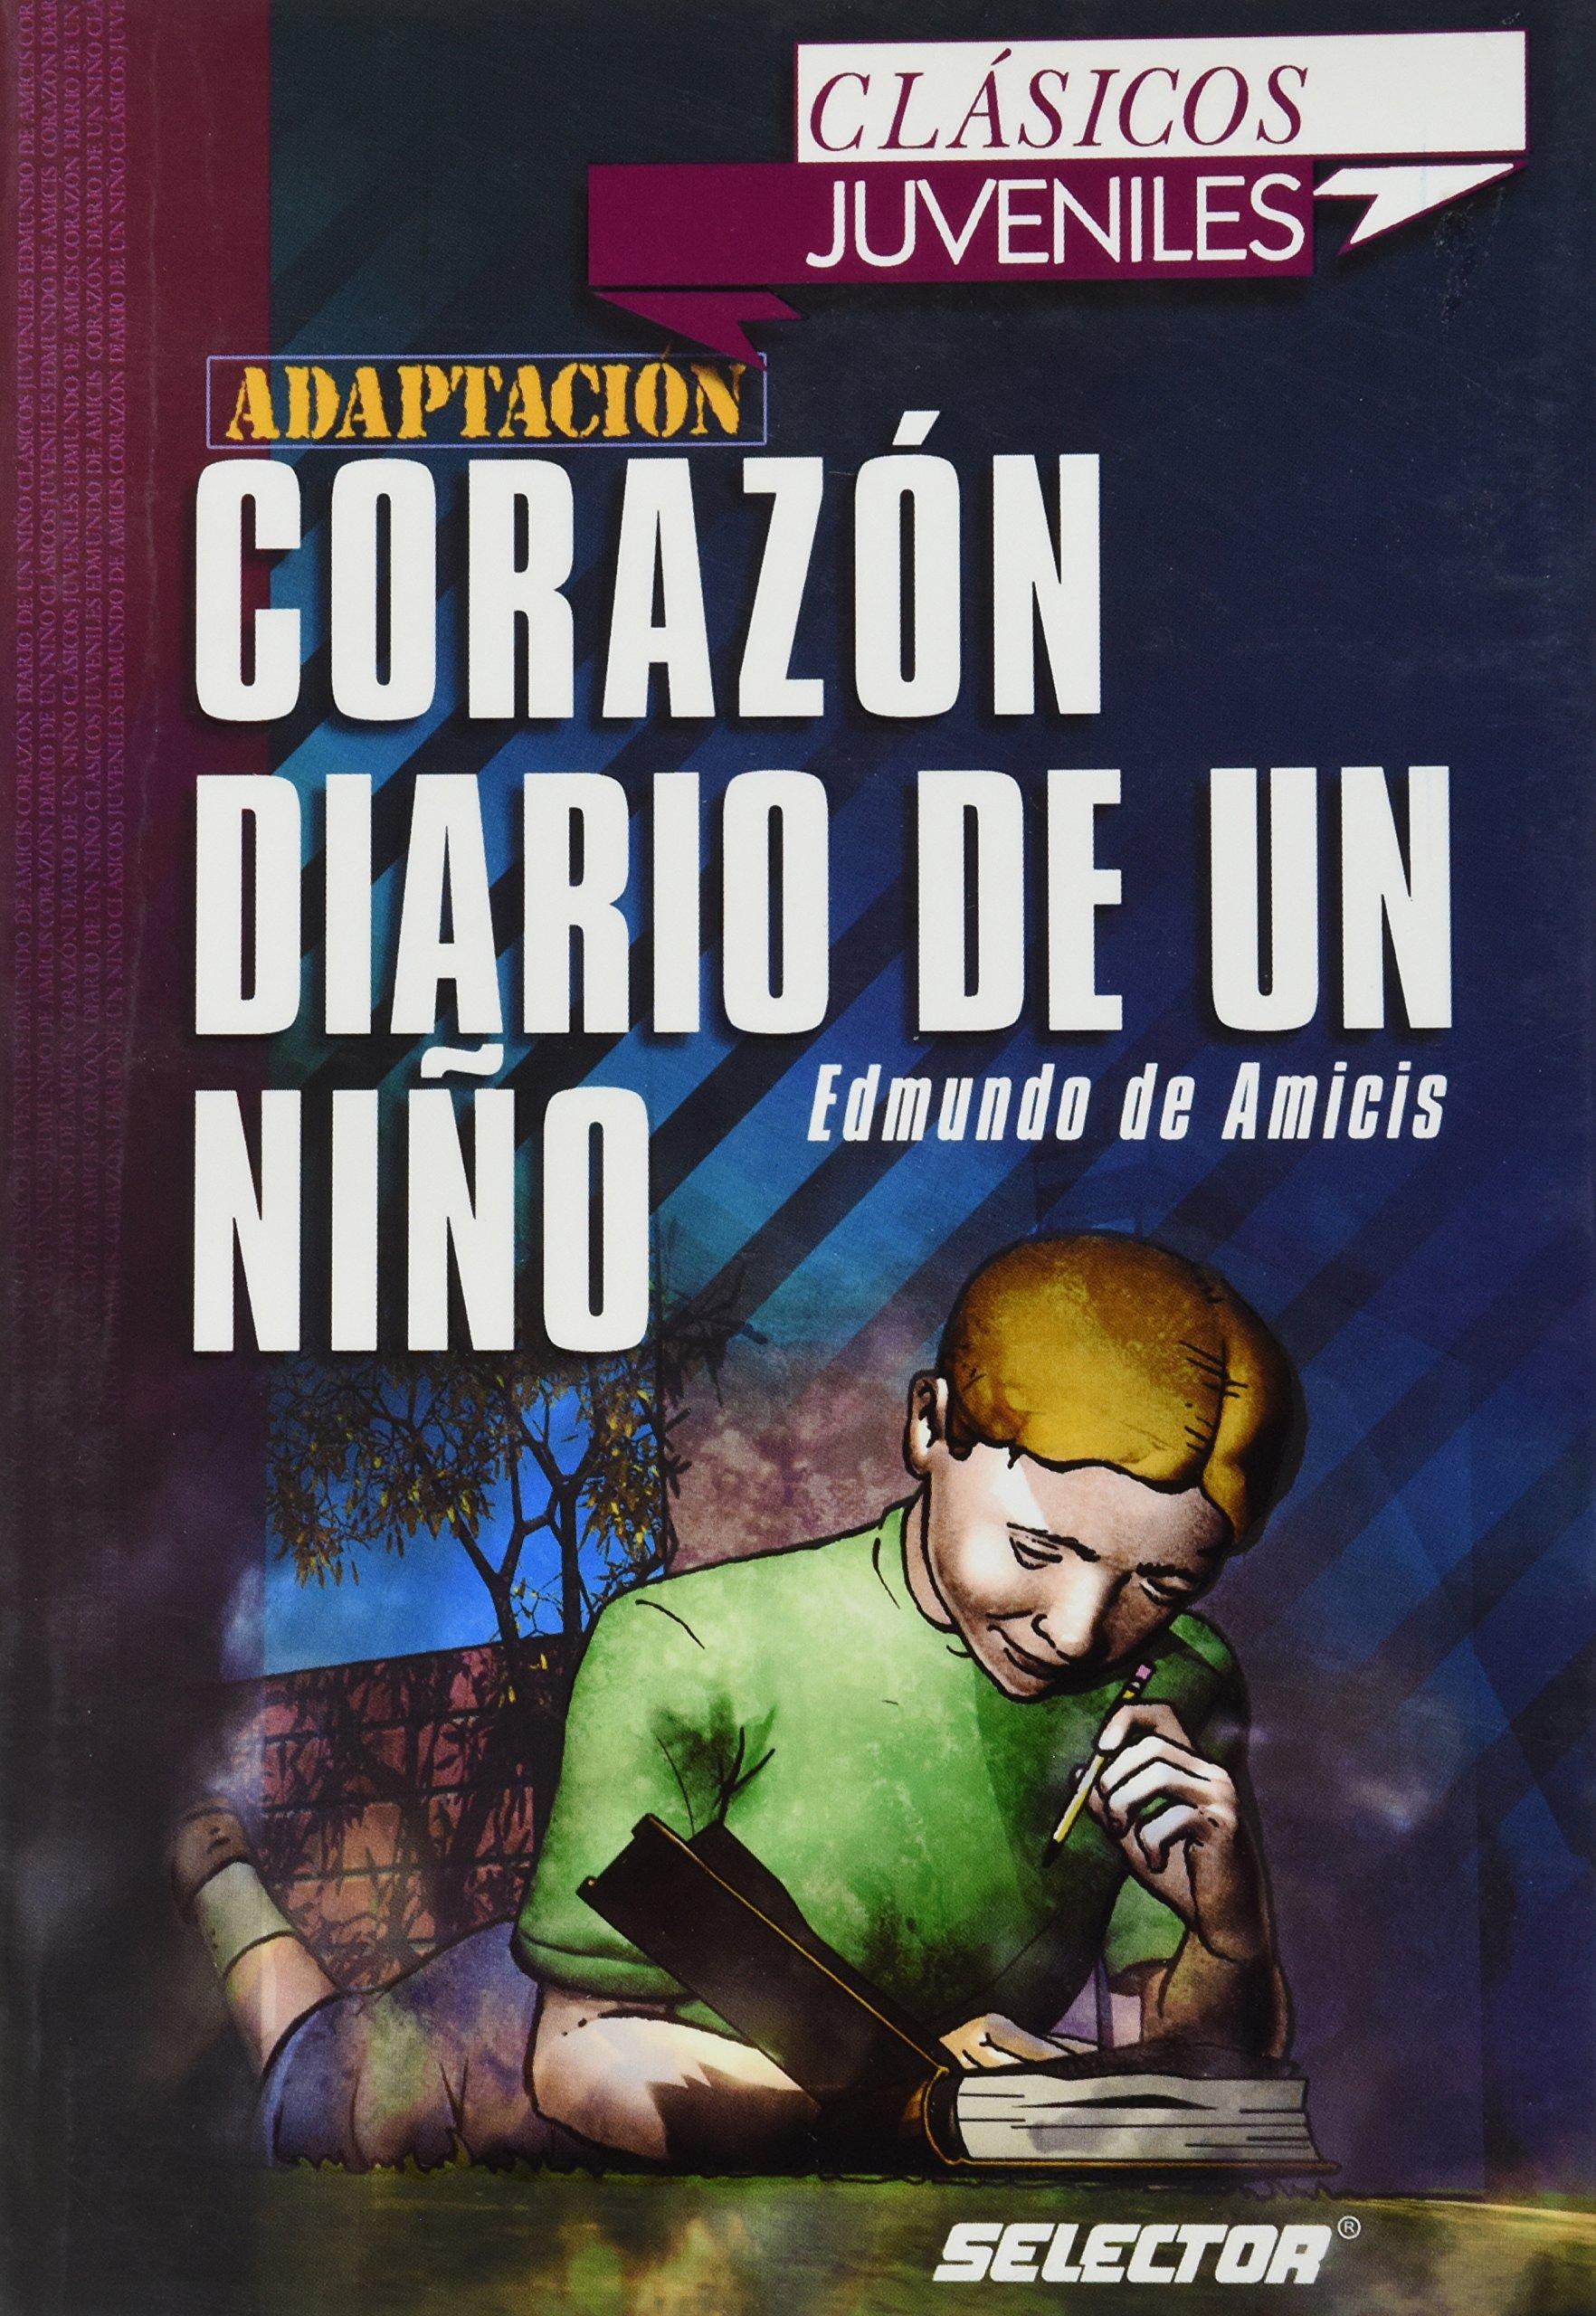 Corazon/ Heart: Diario De Un Nino/ Diary of a Child Clasicos Juveniles: Amazon.es: Edmundo De Amicis: Libros